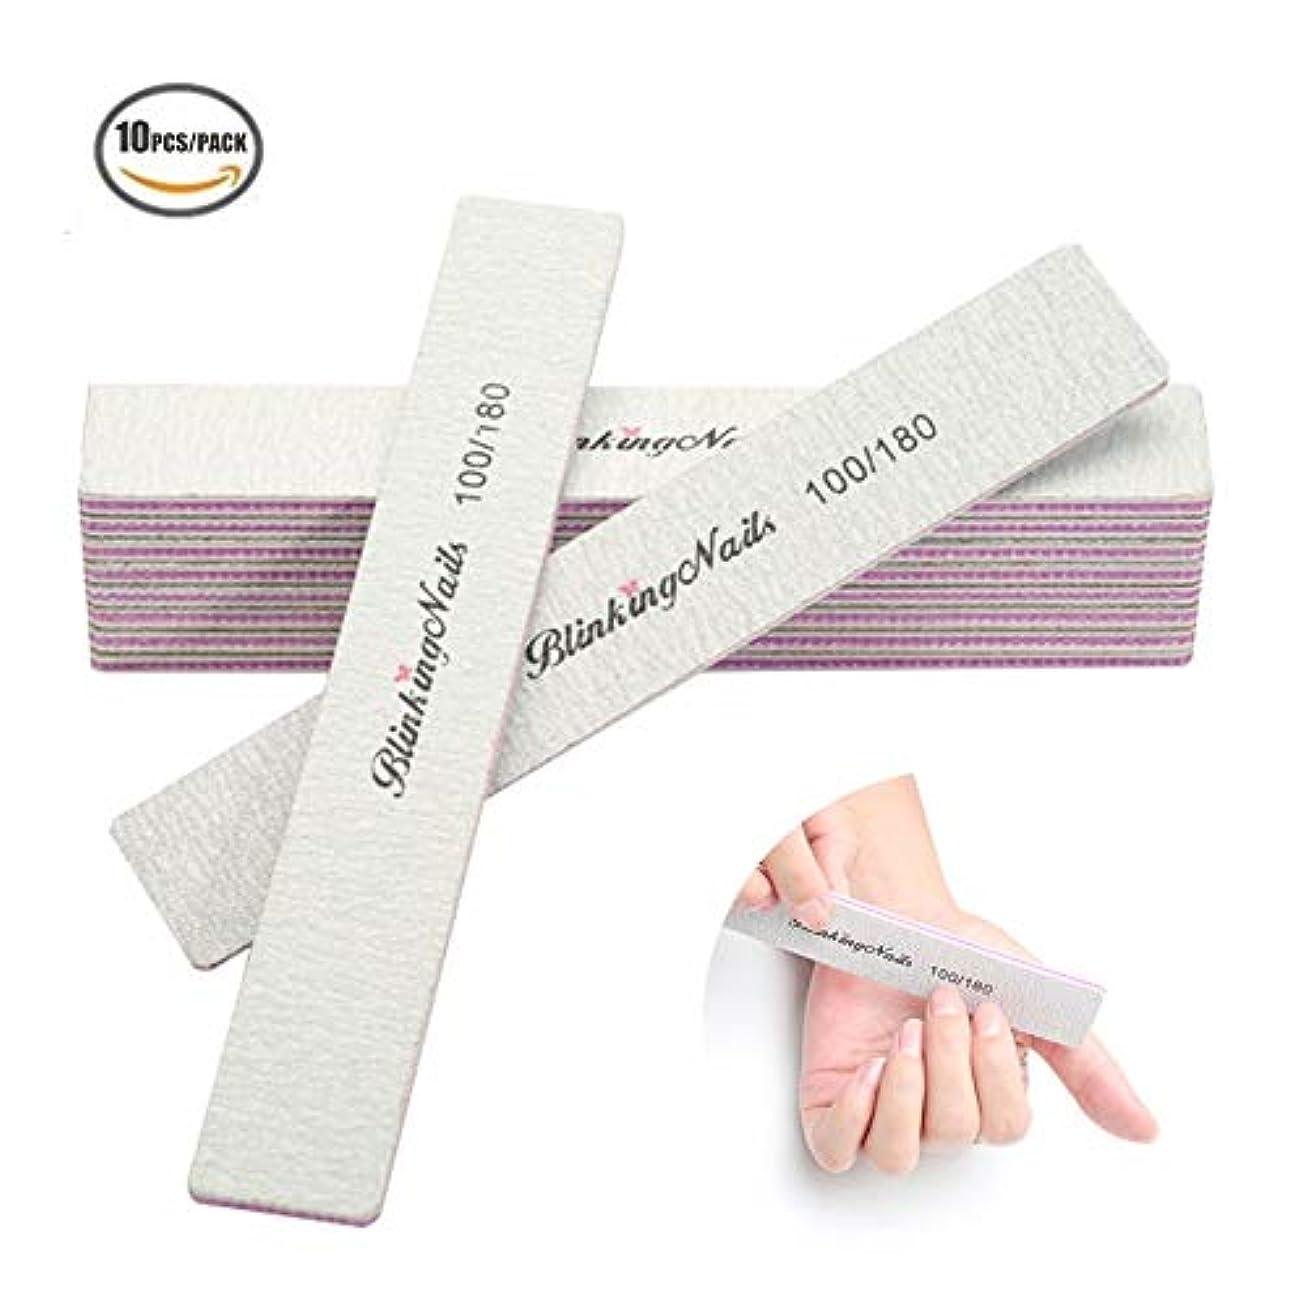 ヘロイン改善霊洗濯可プロネイルやすり 研磨ツール 爪やすり 爪磨き 両面使えるエメリーボード ジェルネイル道具 10本入 100/180砂